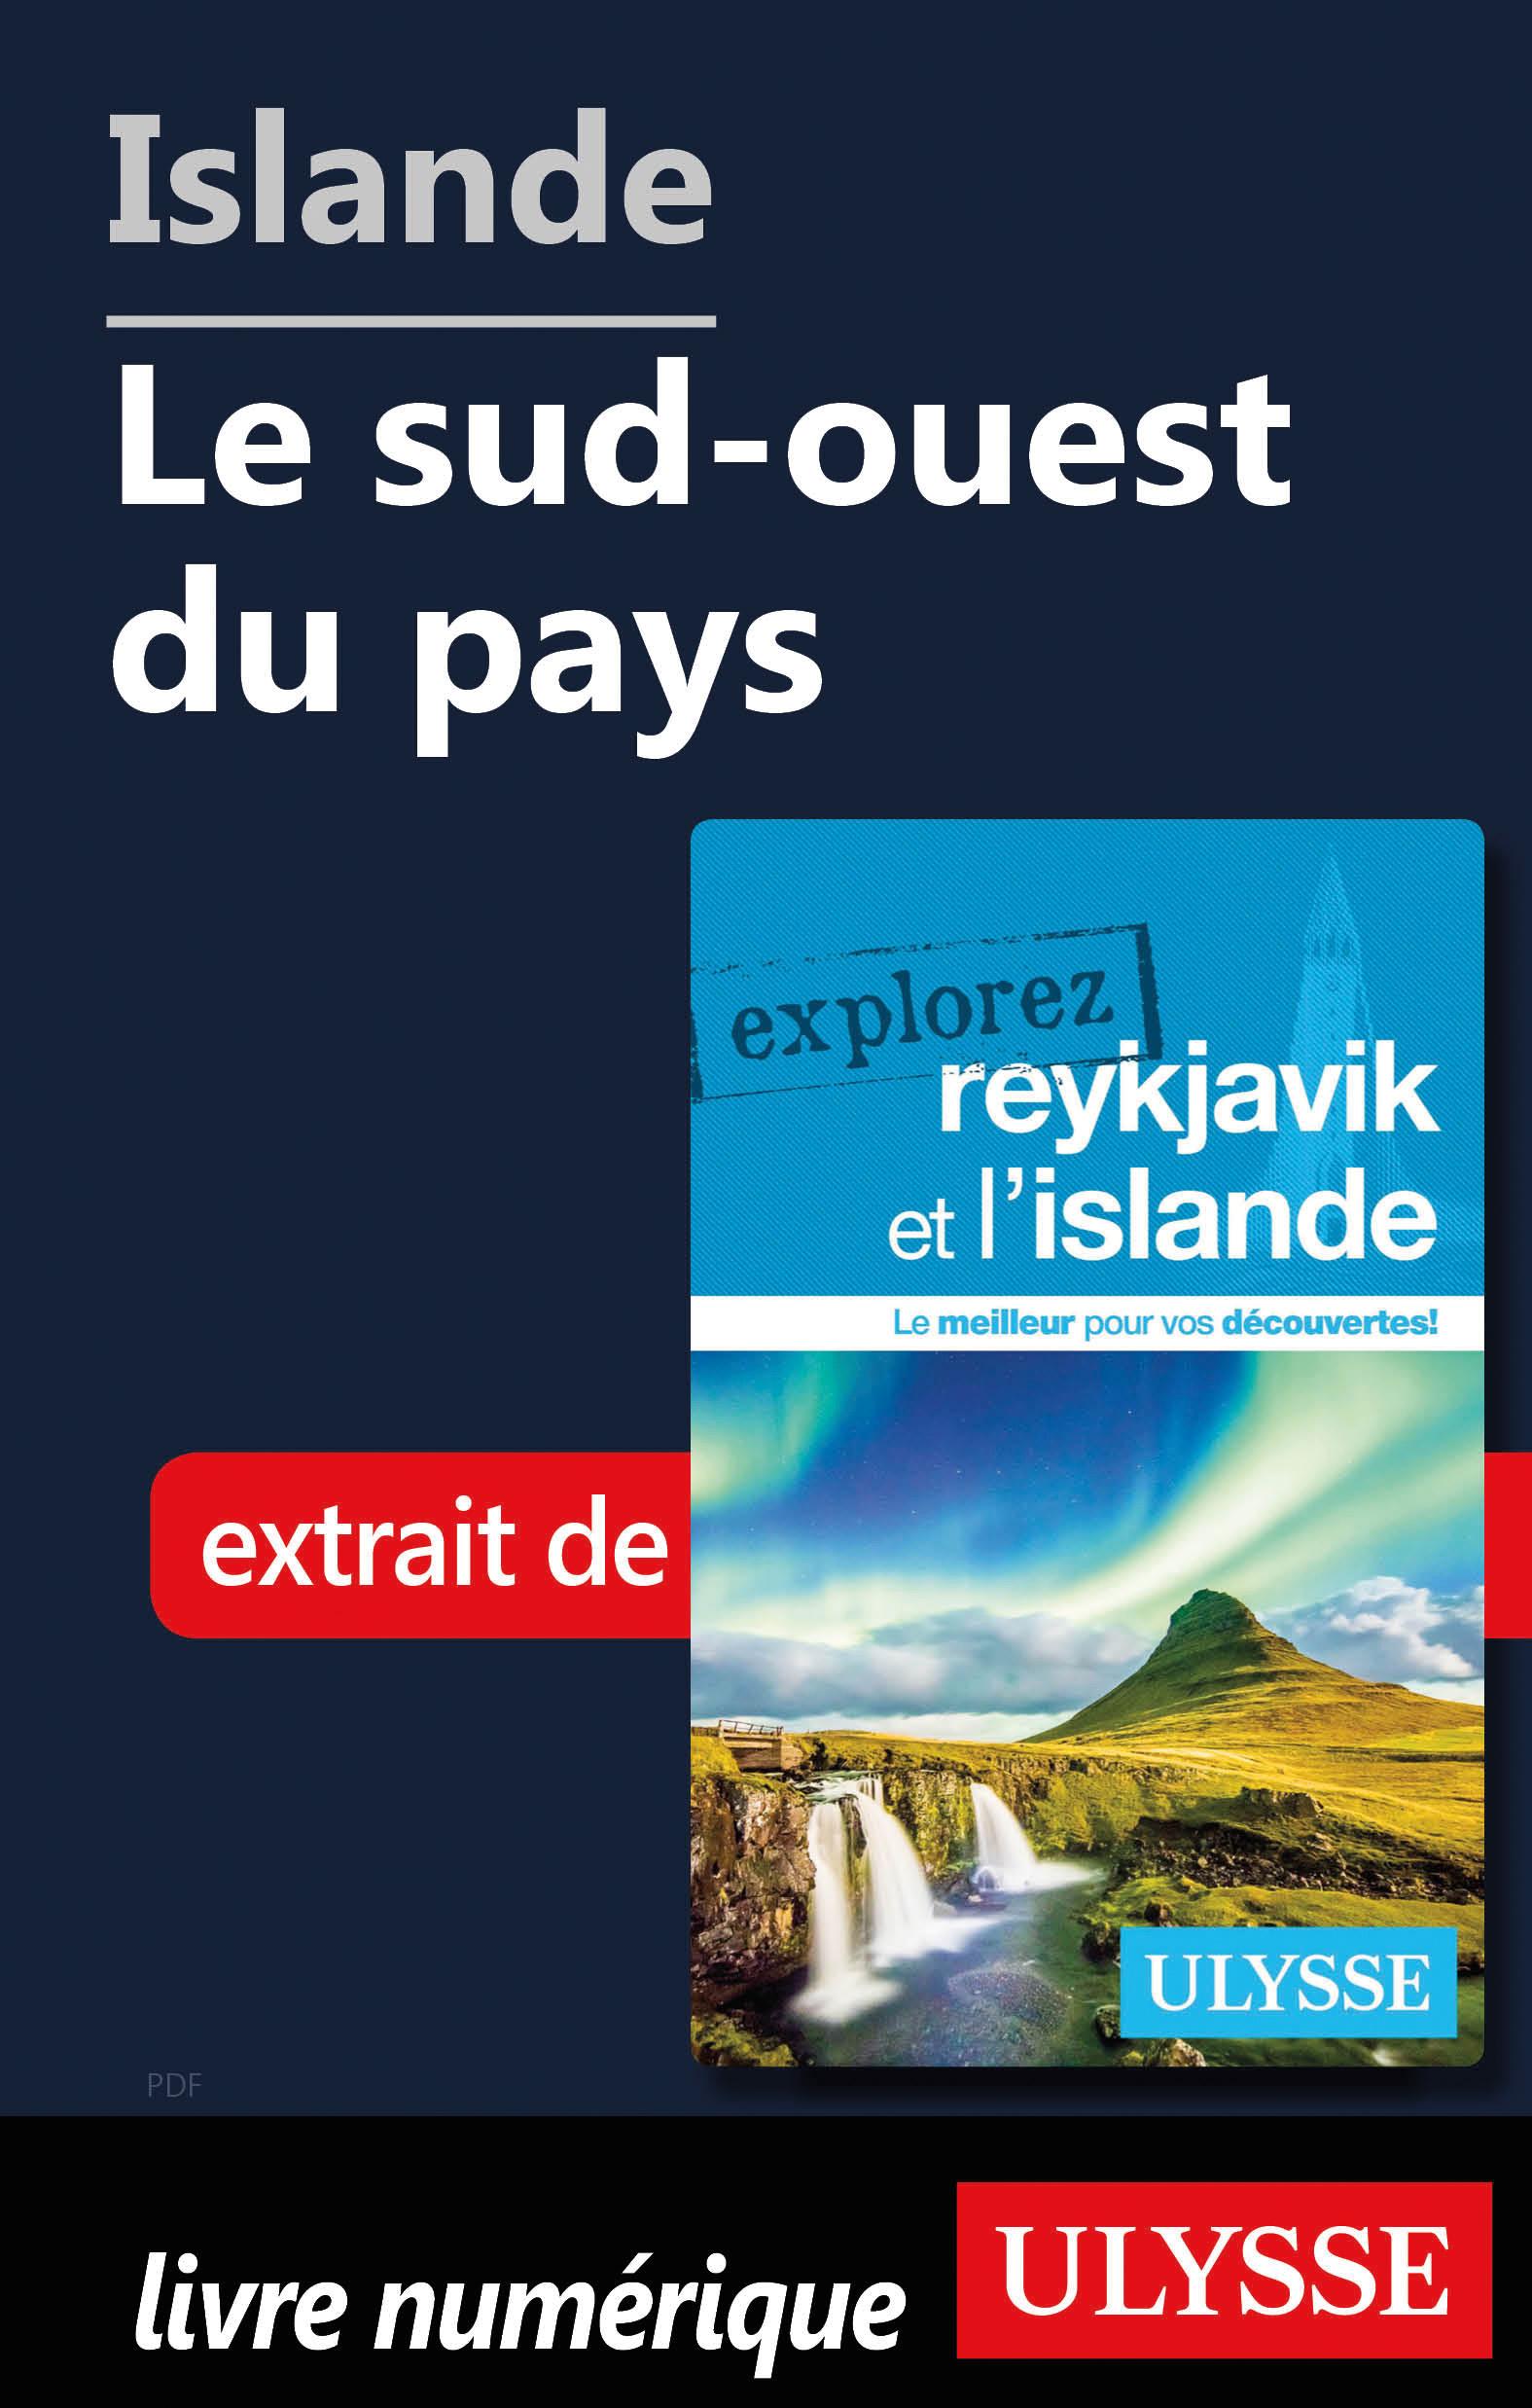 Islande - Le sud-ouest du pays